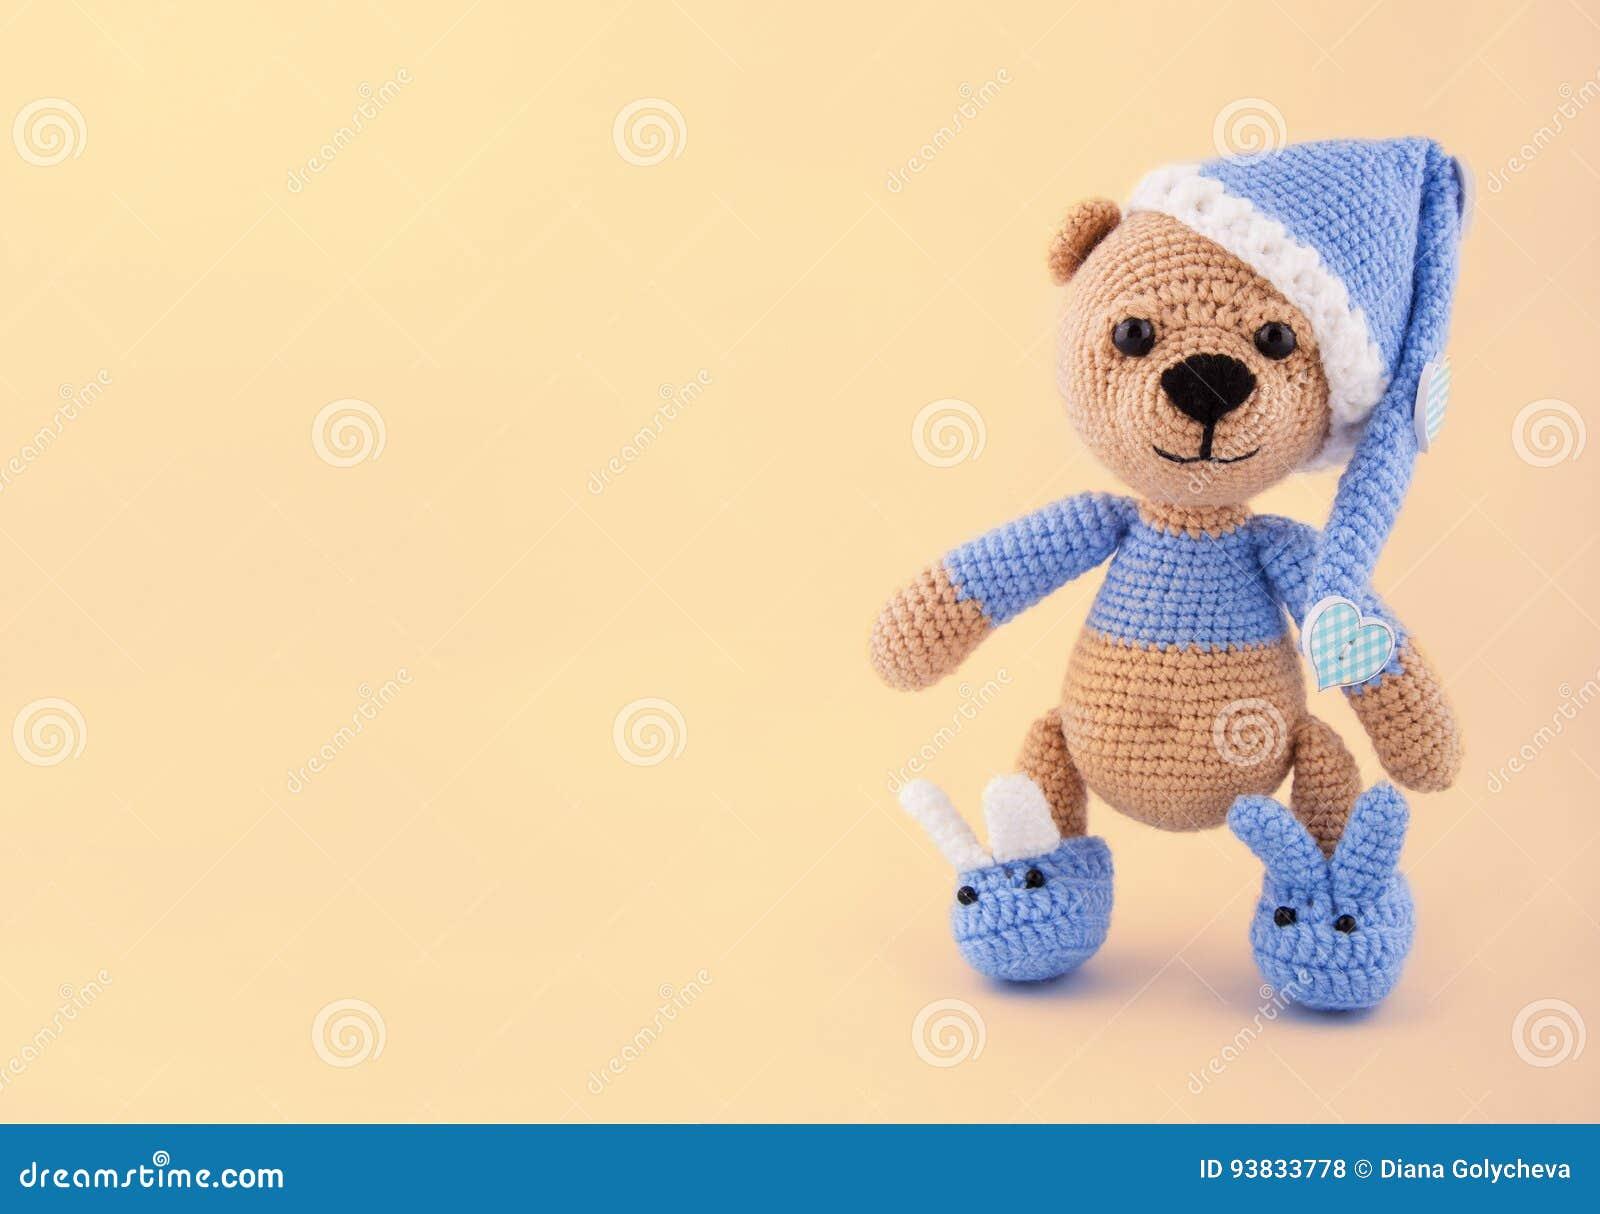 Stucken nallebjörn i ett lock och häftklammermatare på en försiktig gul bakgrund Leksaker som göras av handen En mjuk gåva kopier